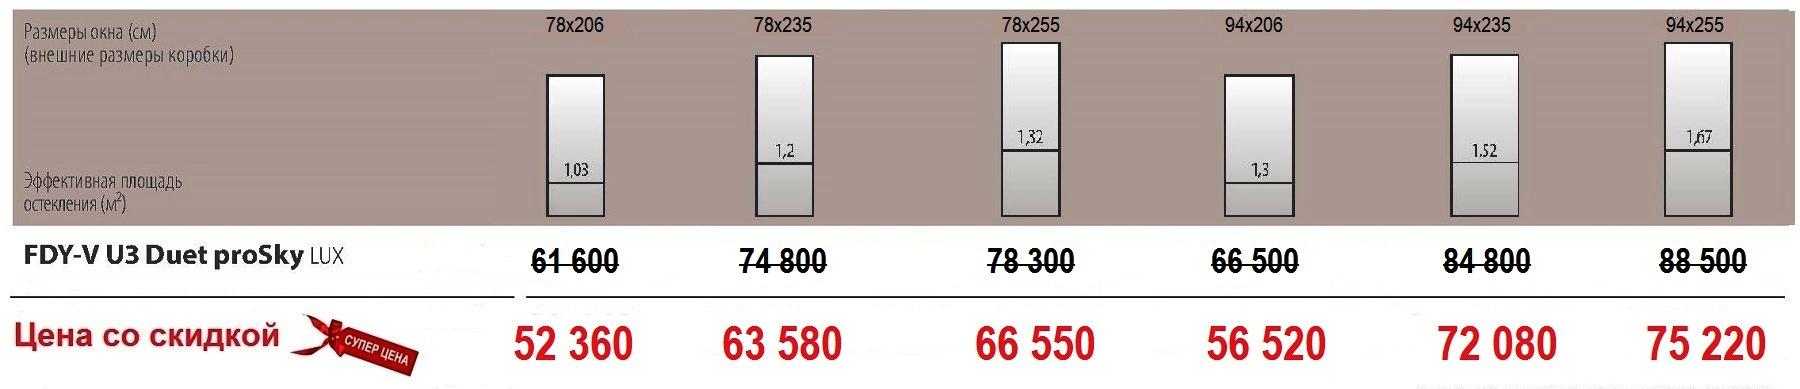 Цены FDY-V U3 Duet prosky